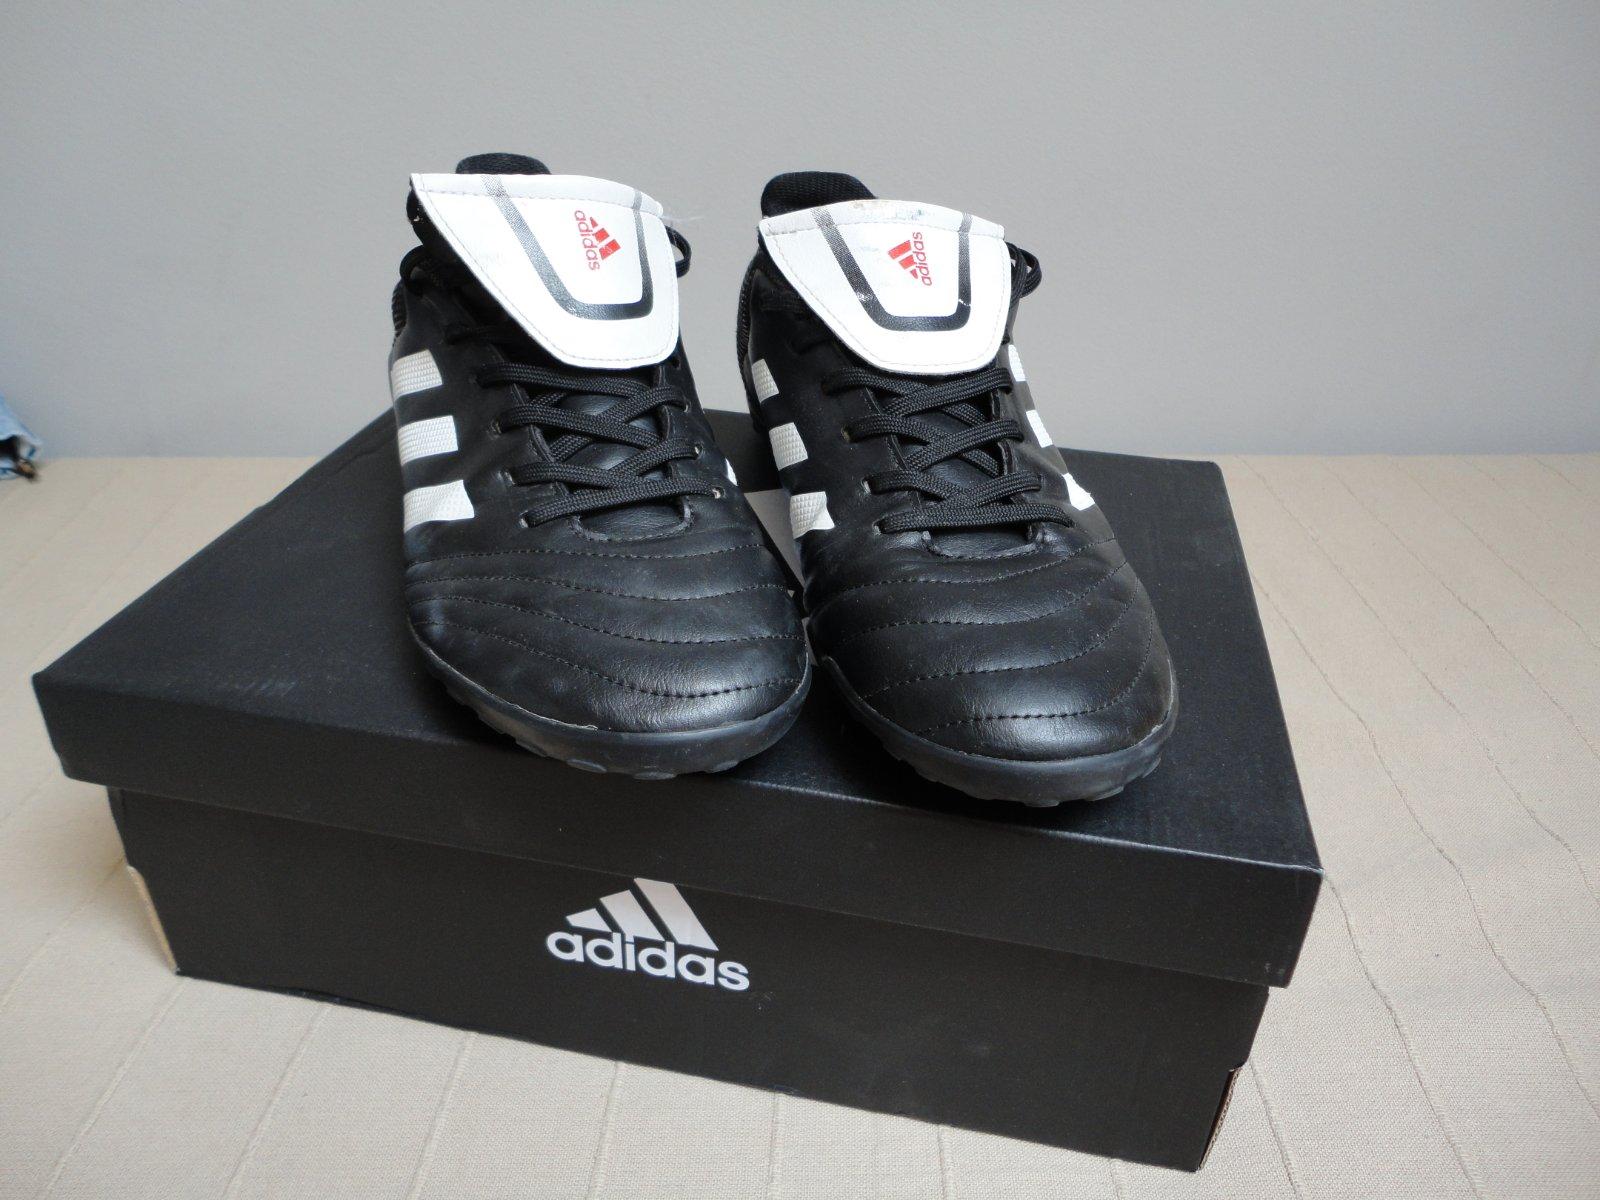 d2c2763c5 Pánske turfy - adidas copa 17.4 - uk42,5, adidas,42 - 35 € od predávajúcej  janna75 | Detský bazár | ModryKonik.sk